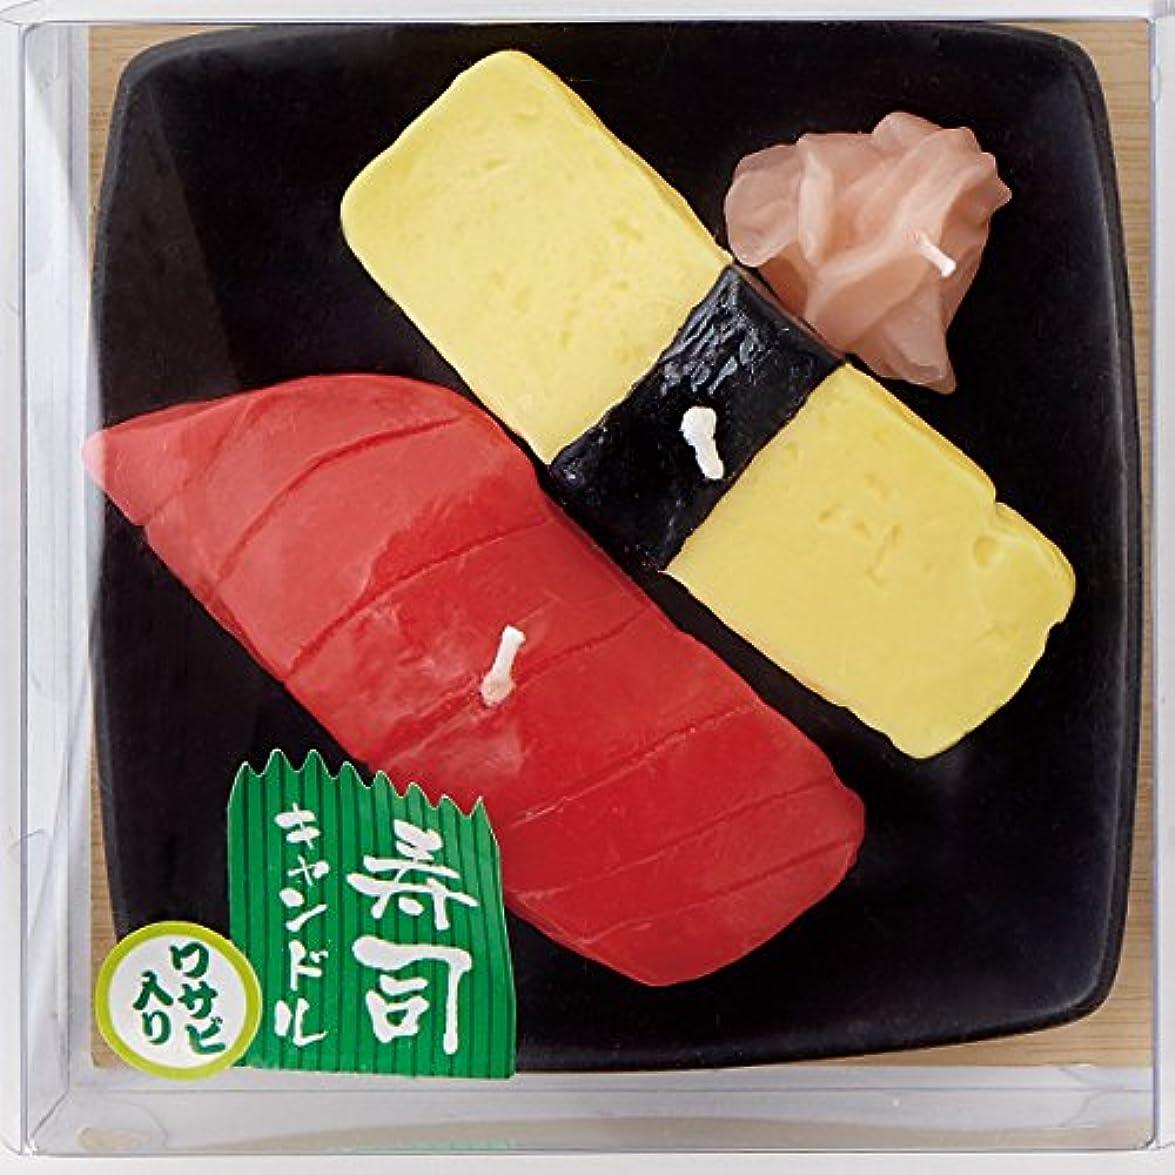 多くの危険がある状況盲目聴く寿司キャンドル A(マグロ?玉子) サビ入